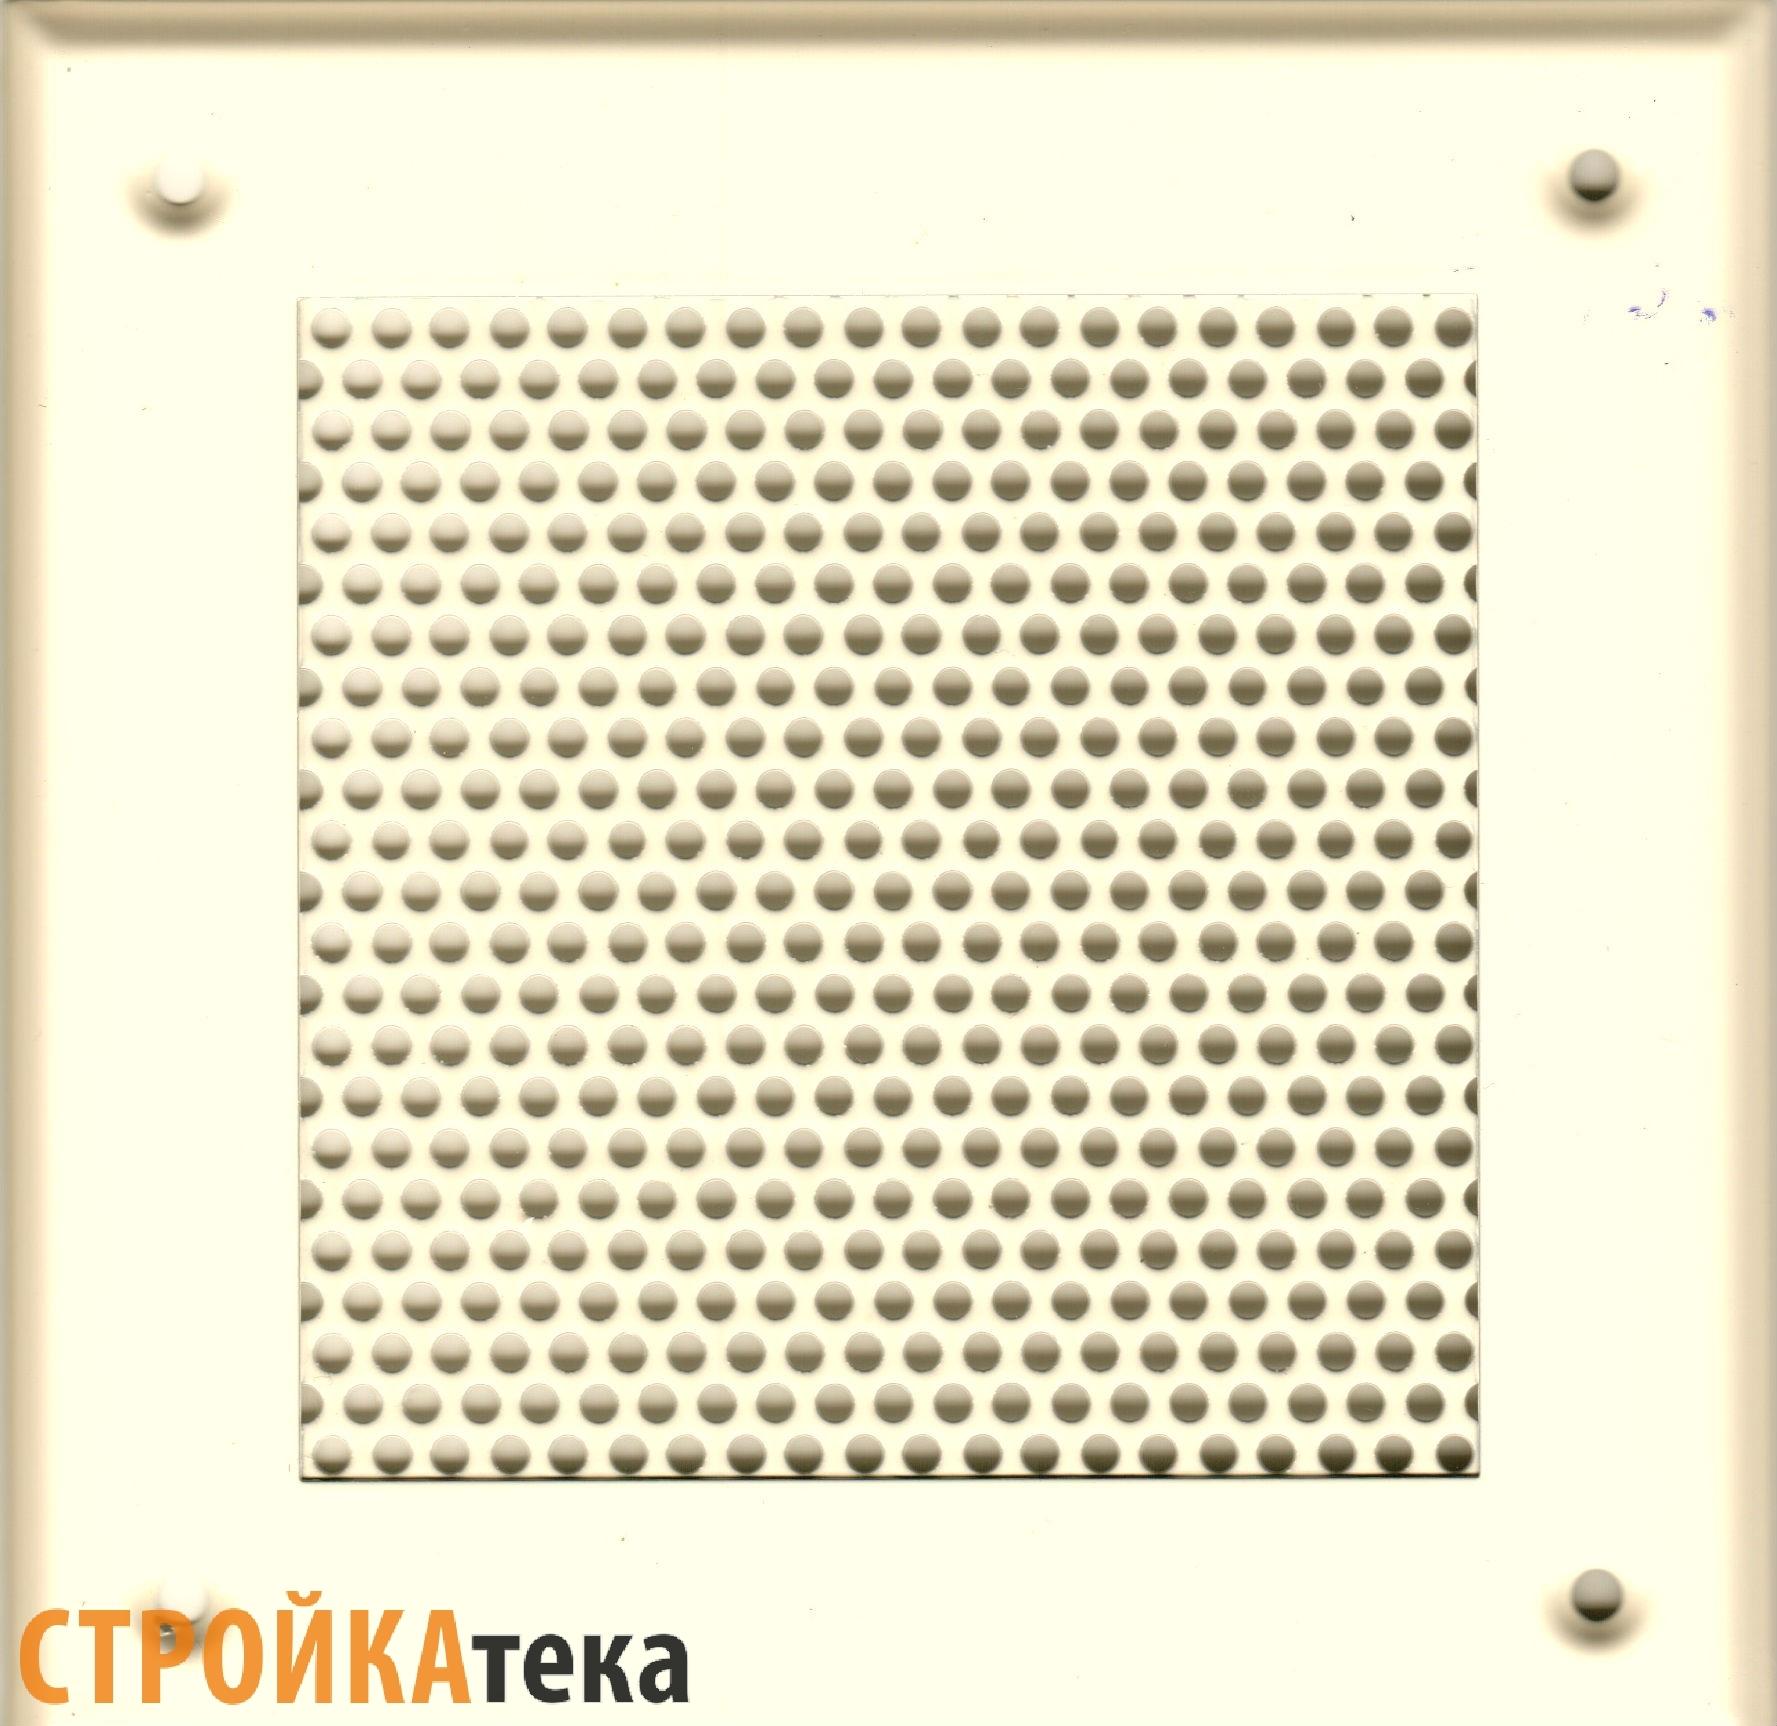 Металлические перфорированные решетки Решетка 150*150 слоновая кость, кружок 1ce576cf4e6b0a63cc3c5db7681c7cb5.jpg